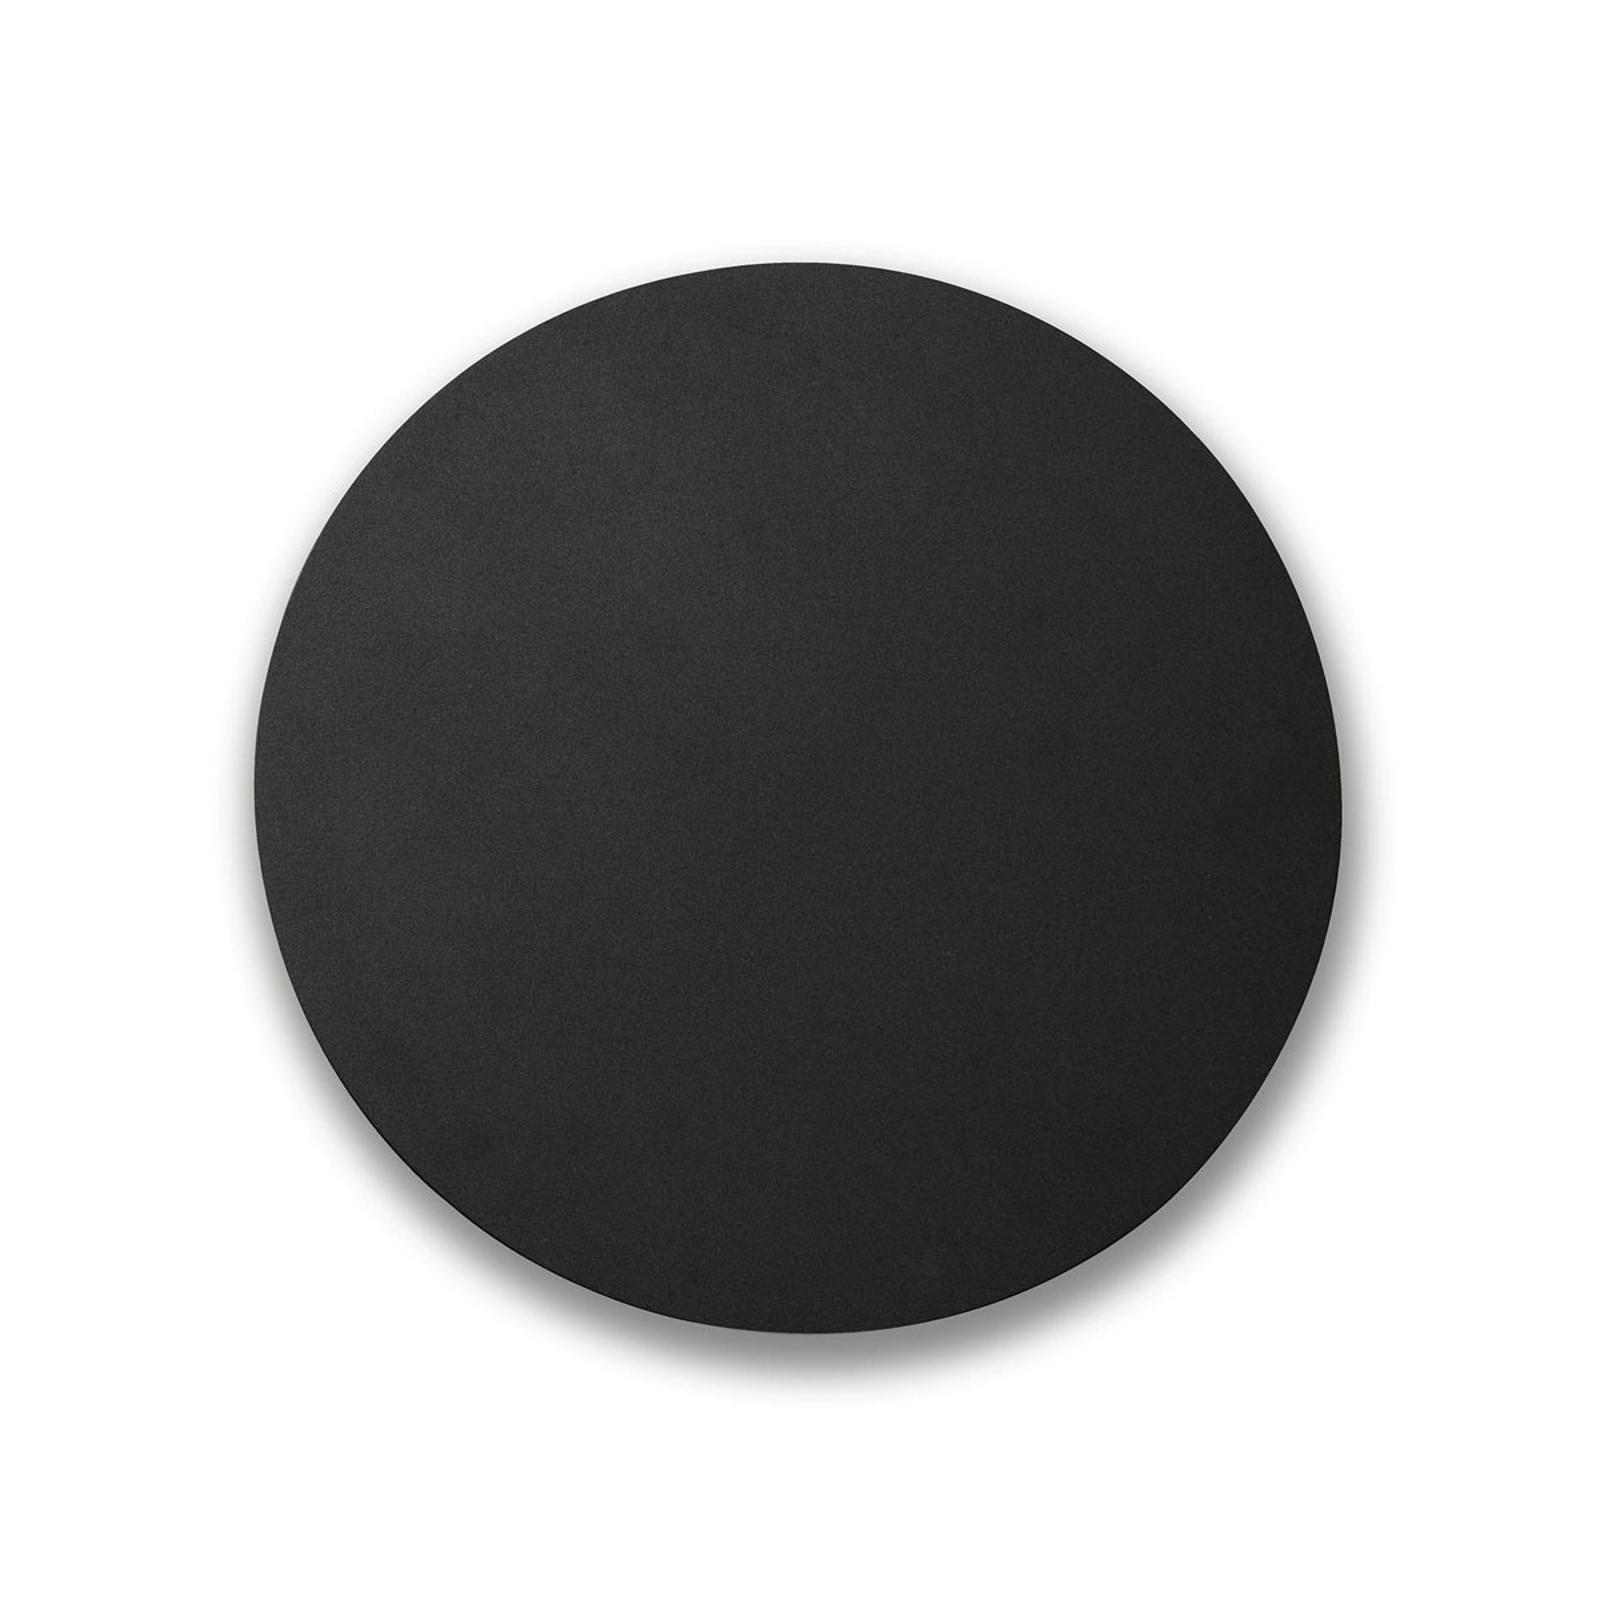 Applique Board avec LED, écriture possible, 35cm